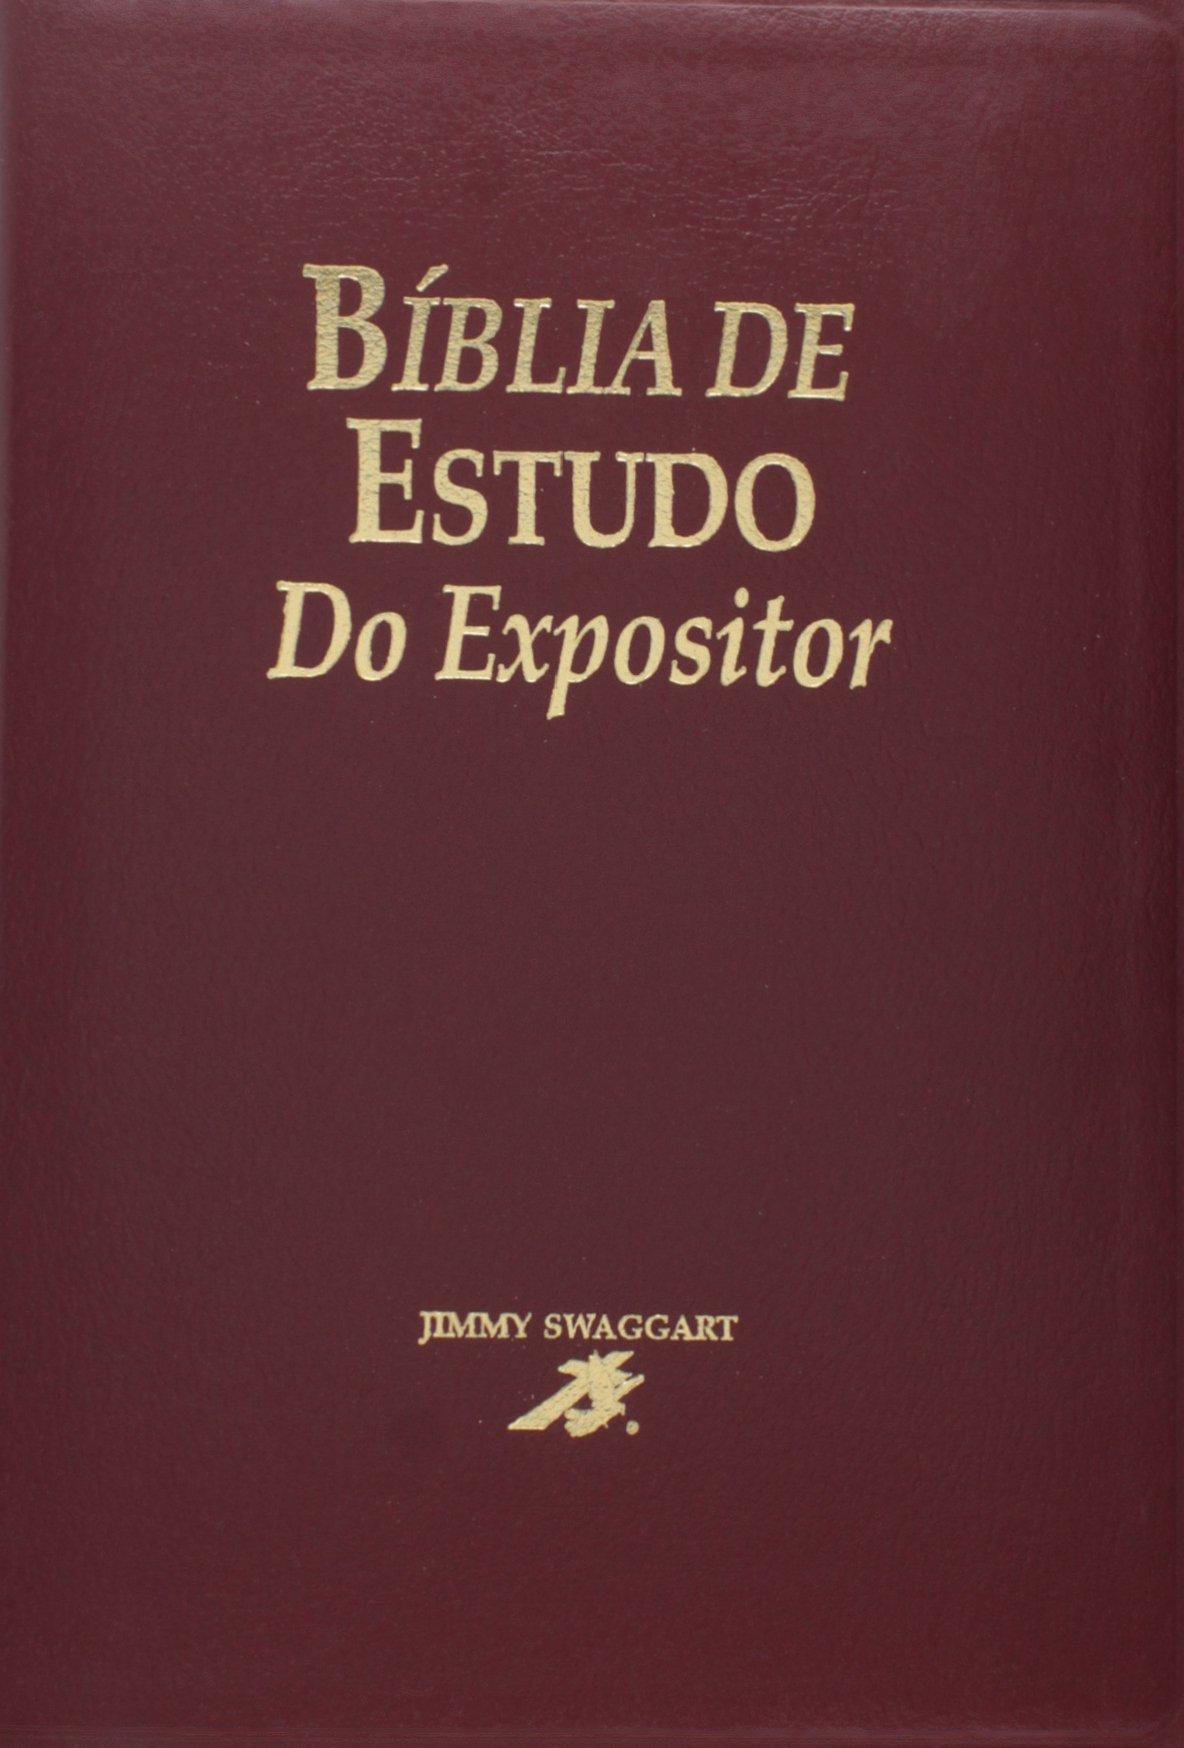 Biblia De Estudo Thompson Pdf